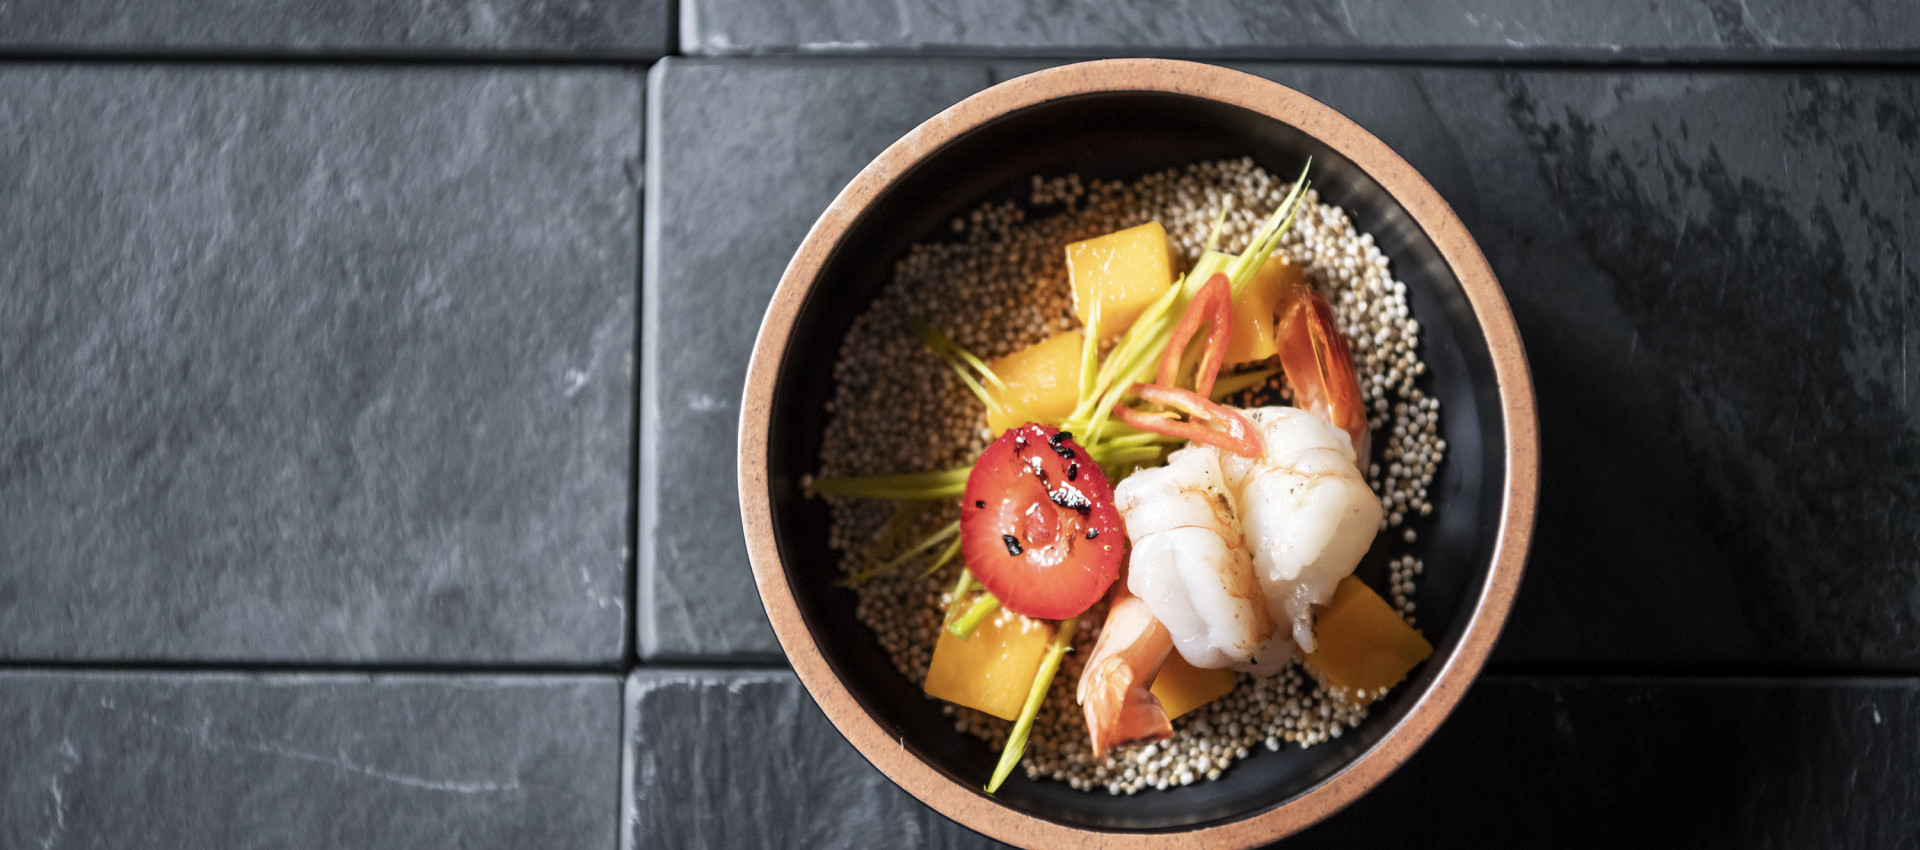 Gourmet Genuss Hotel Wellnesshotel Südtirol, Kulinarik und Genuss